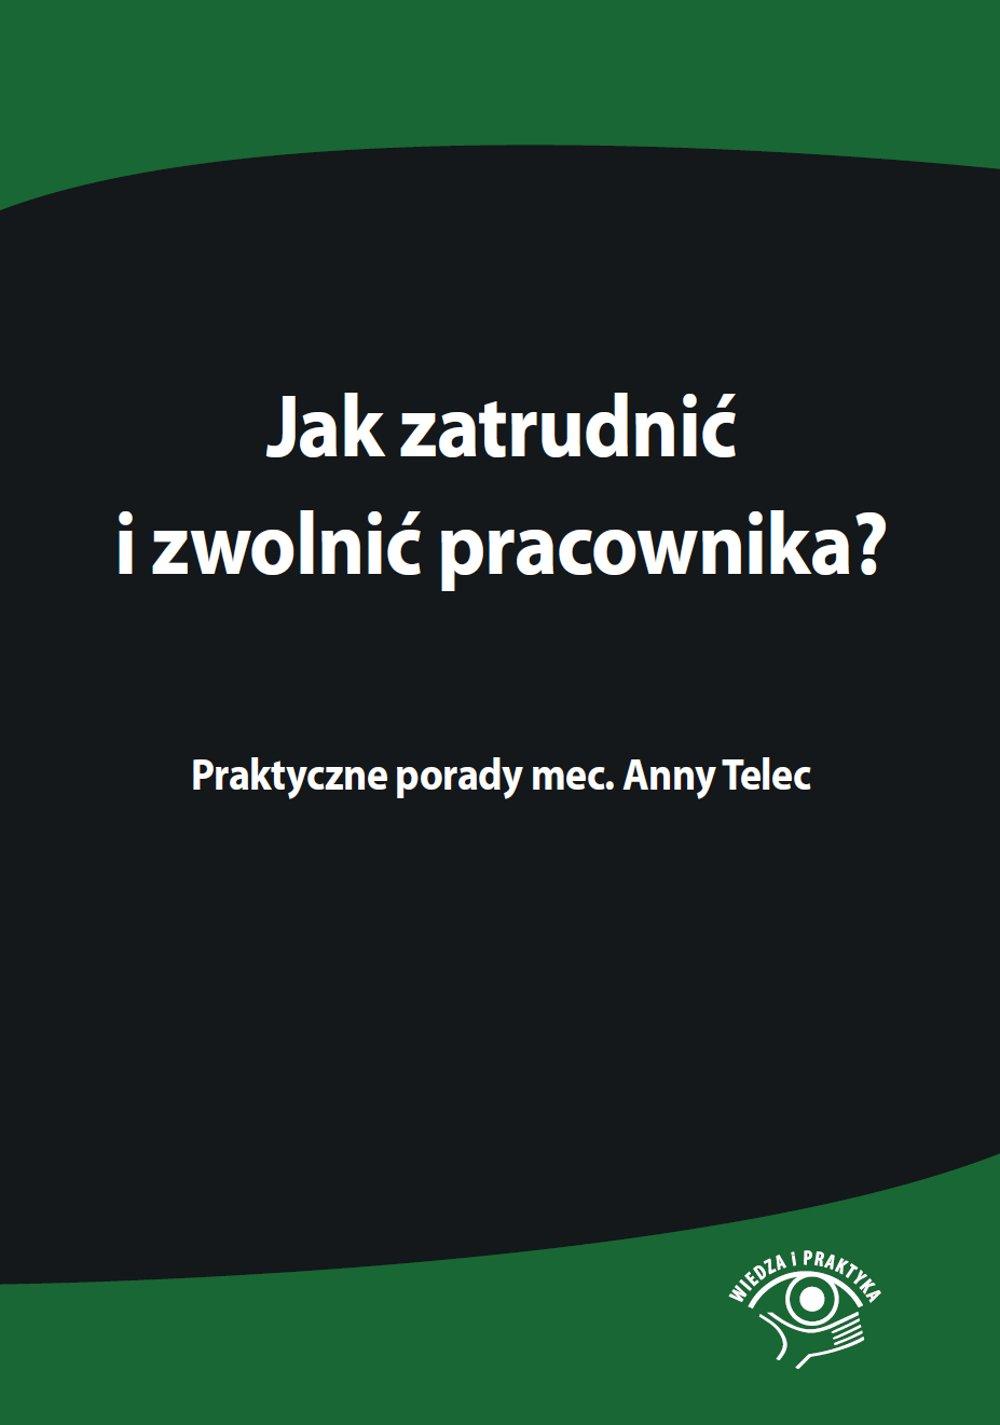 Jak zatrudnić i zwolnić pracownika. Praktyczne porady mec. Anny Telec - Ebook (Książka na Kindle) do pobrania w formacie MOBI